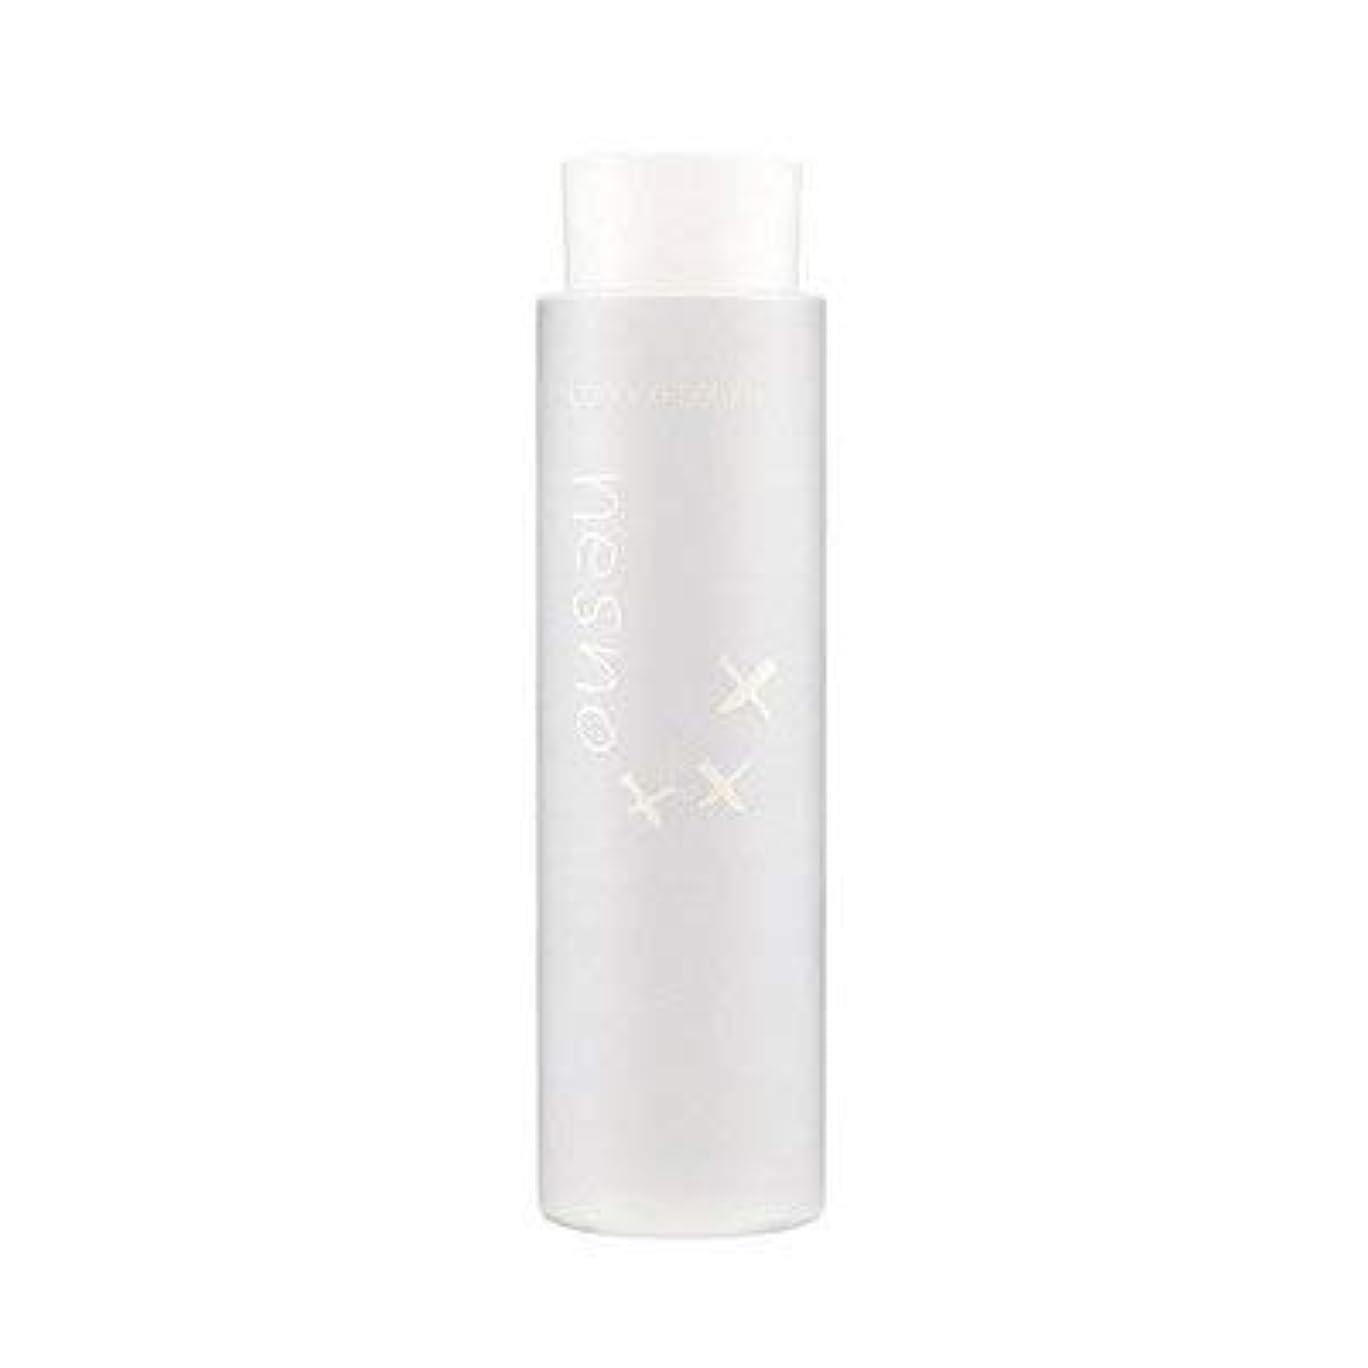 パイほこりっぽい買収nesno:ネスノ バランスセラム 化粧水 210mL